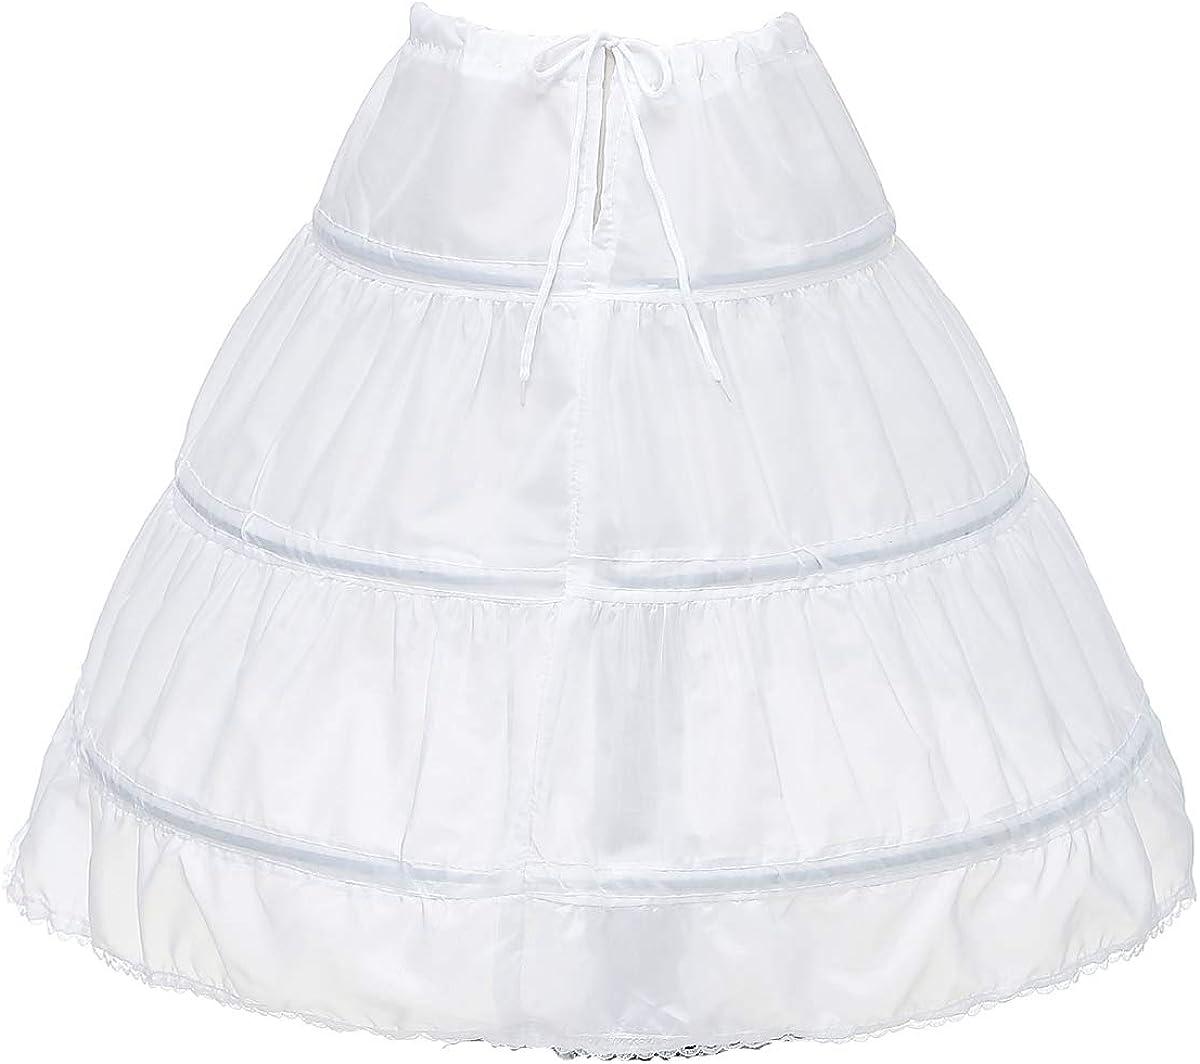 HDSLP Girls 3 Hoops Underskirt for Girls Full Slip Flower Girl Crinoline Skirt